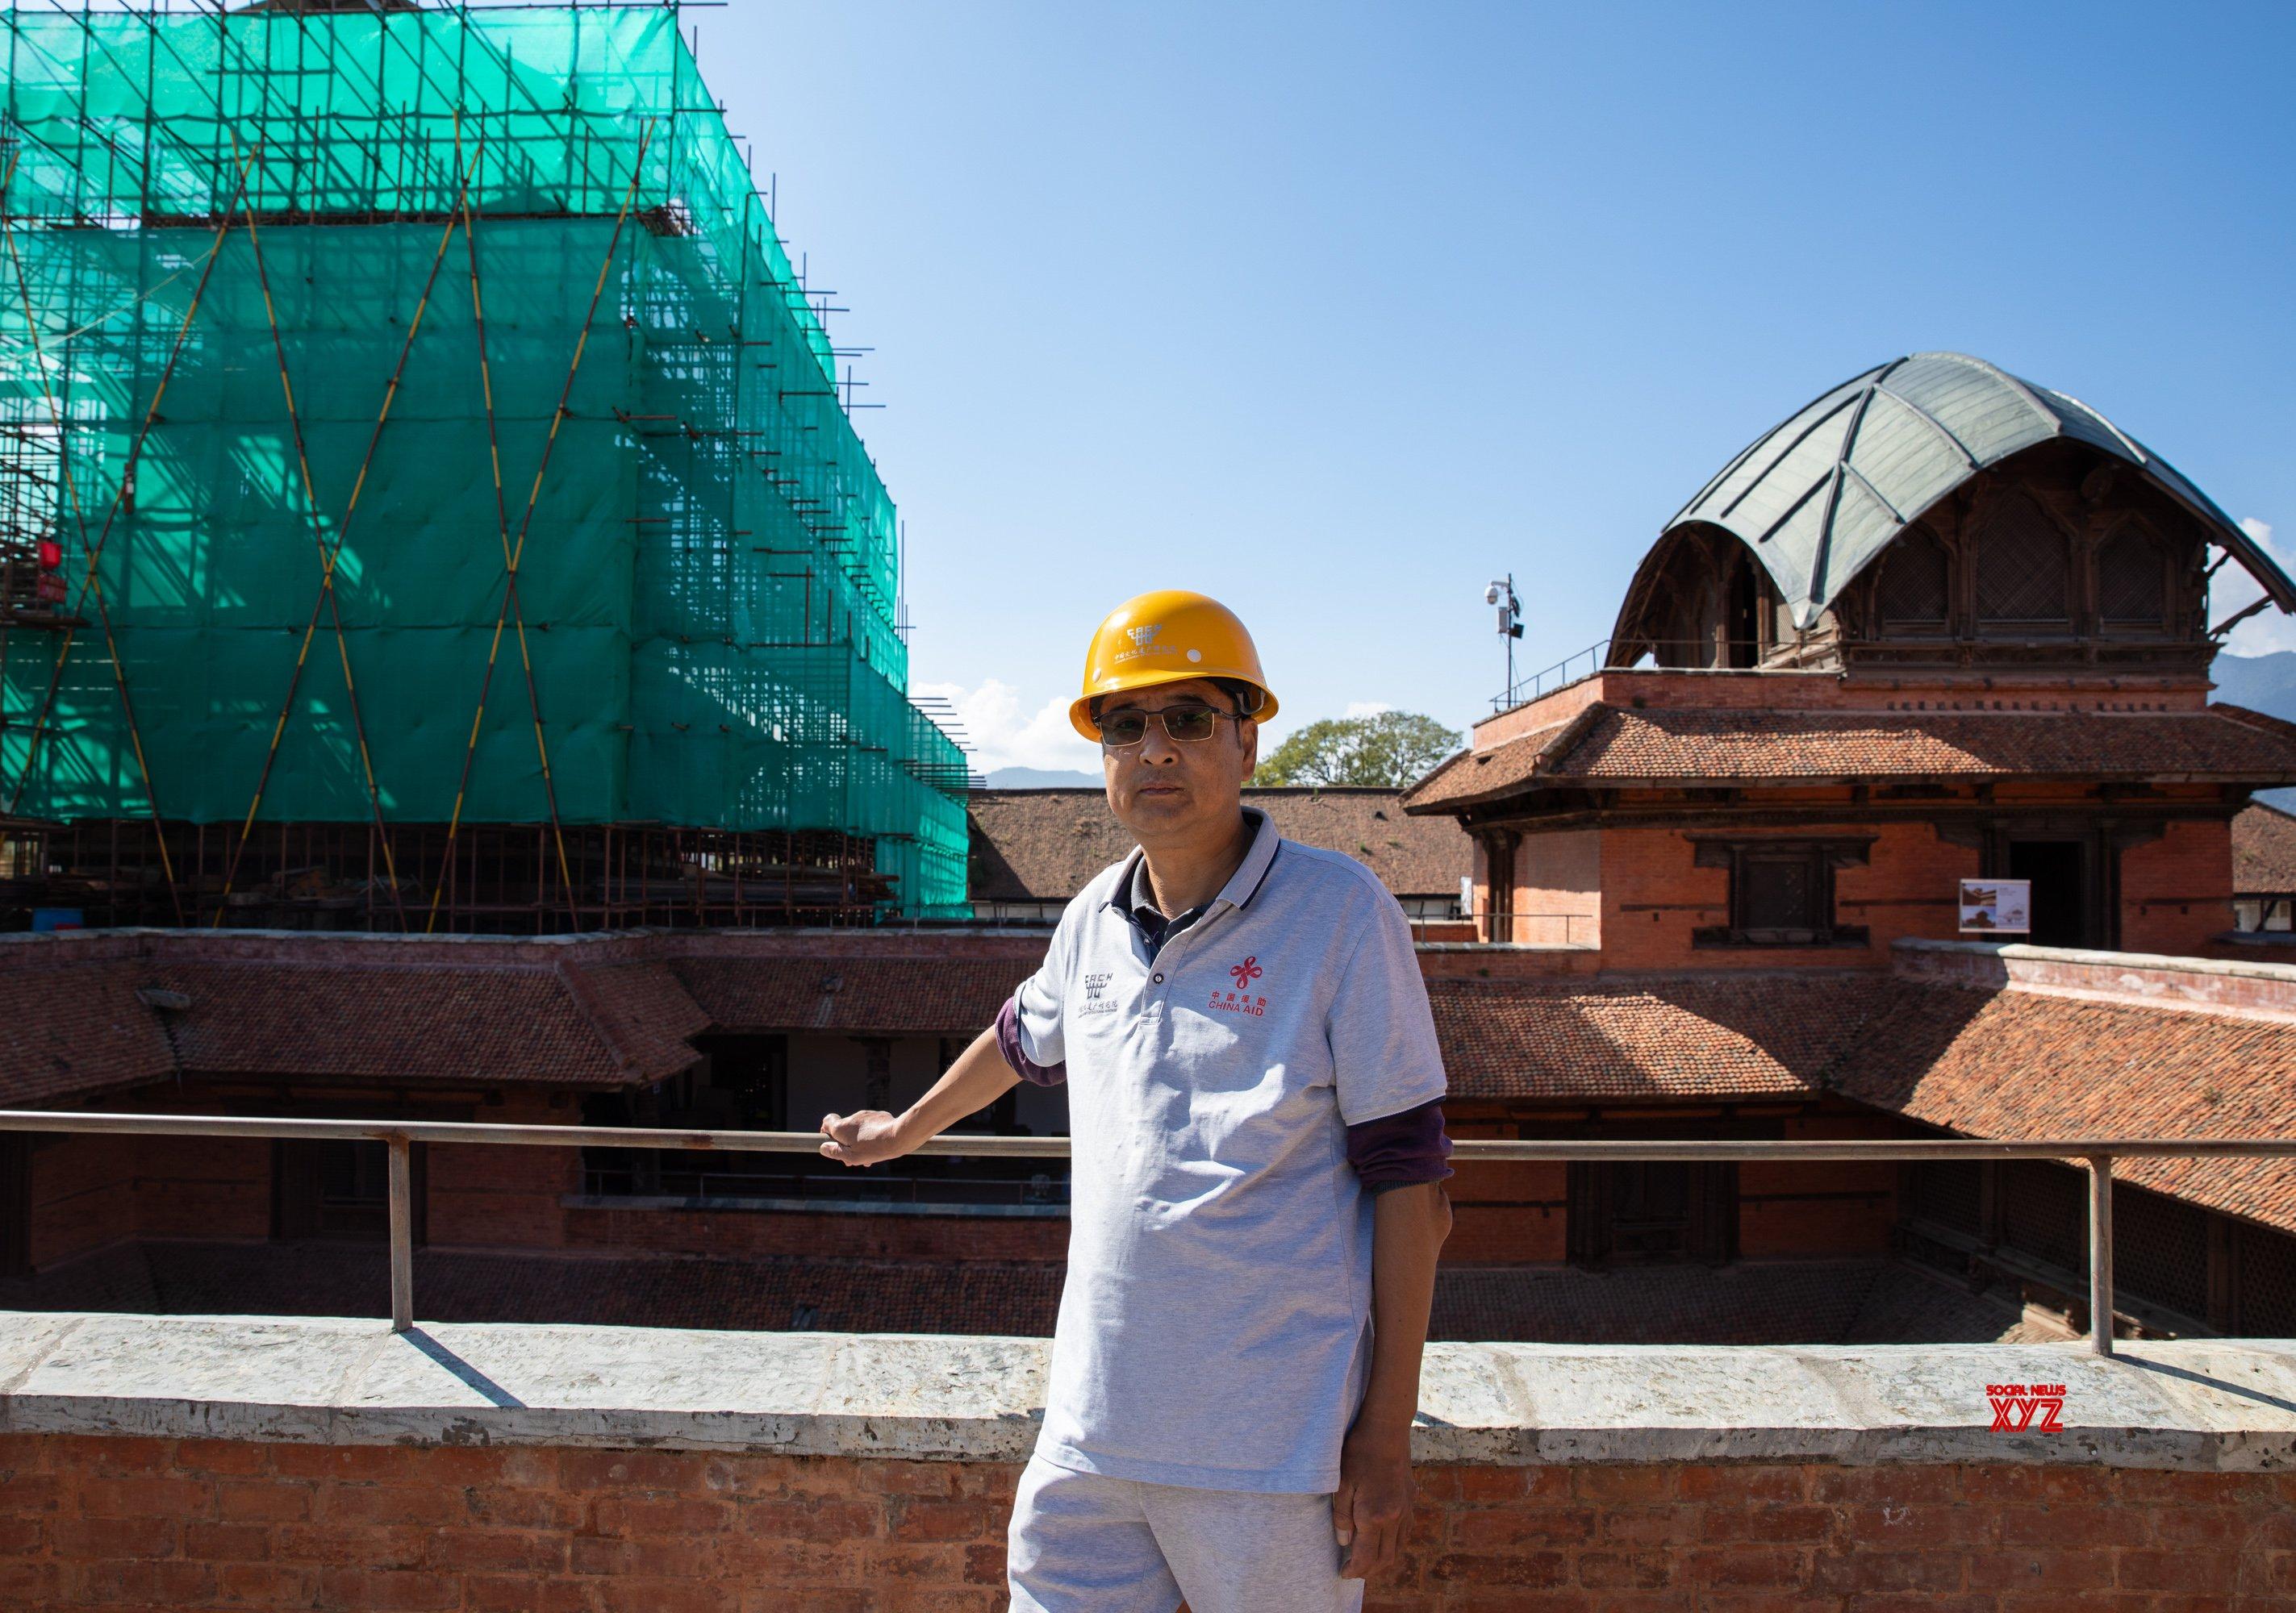 NEPAL - KATHMANDU - CHINA - RESTORATION #Gallery